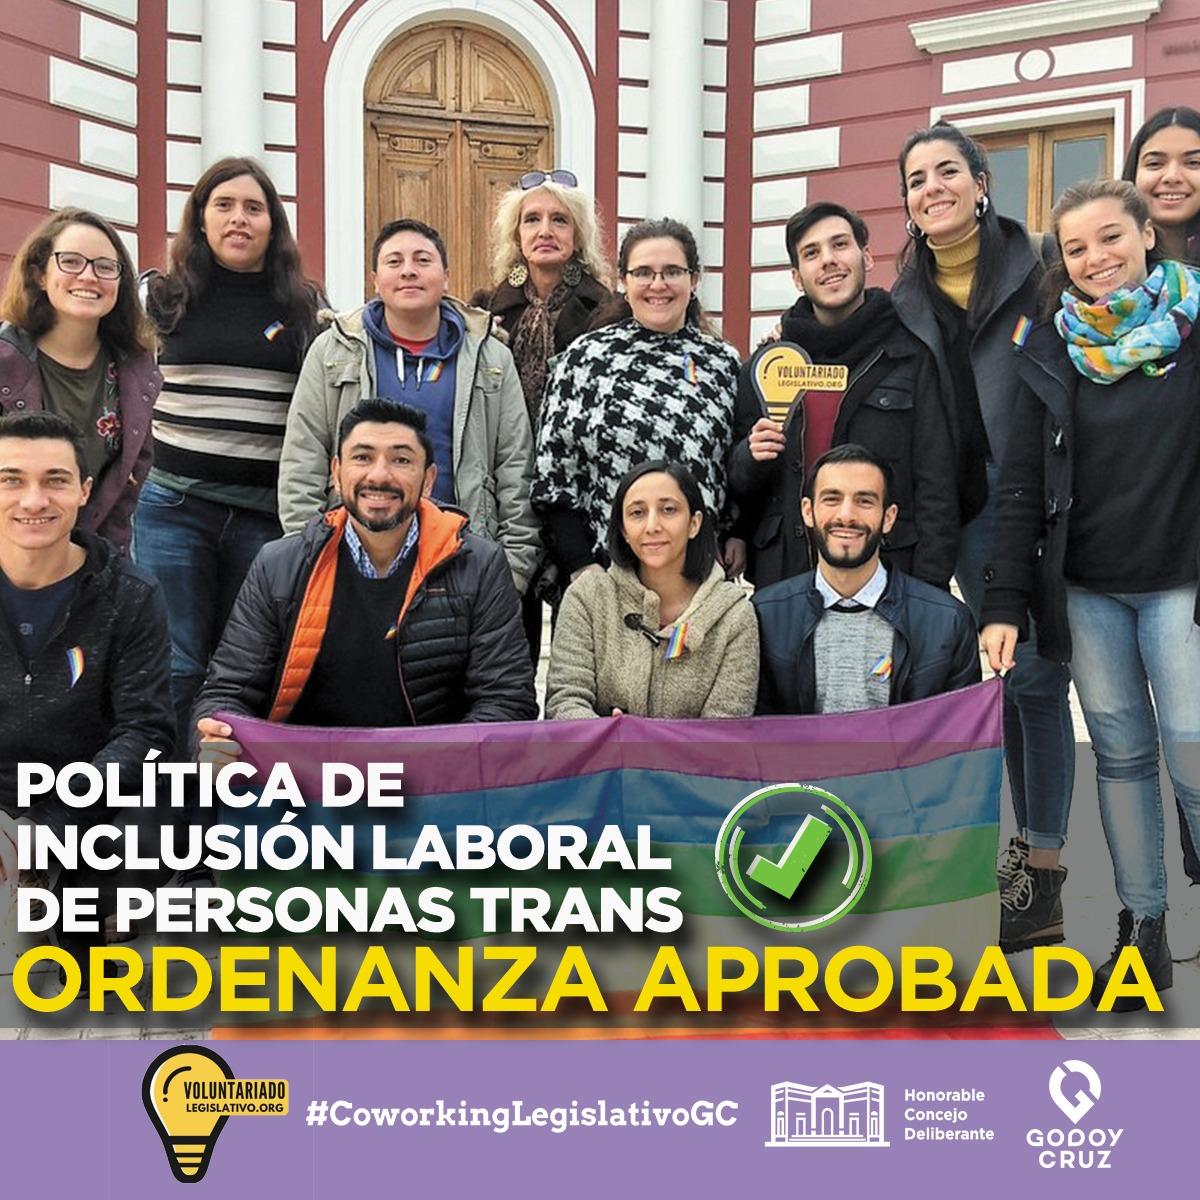 POLÍTICA DE INCLUSIÓN LABORAL DE PERSONAS TRANS APROBADO 🏳️🌈  Una gran noticia para la comunidad LGBTIQ+: aprobamos la Política de Inclusión Laboral de Personas Trans en @MuniGodoyCruz.  ☑️ Igualdad real de oportunidades en el acceso y permanencia en el ámbito público y privado. https://t.co/l9WoHM58X5